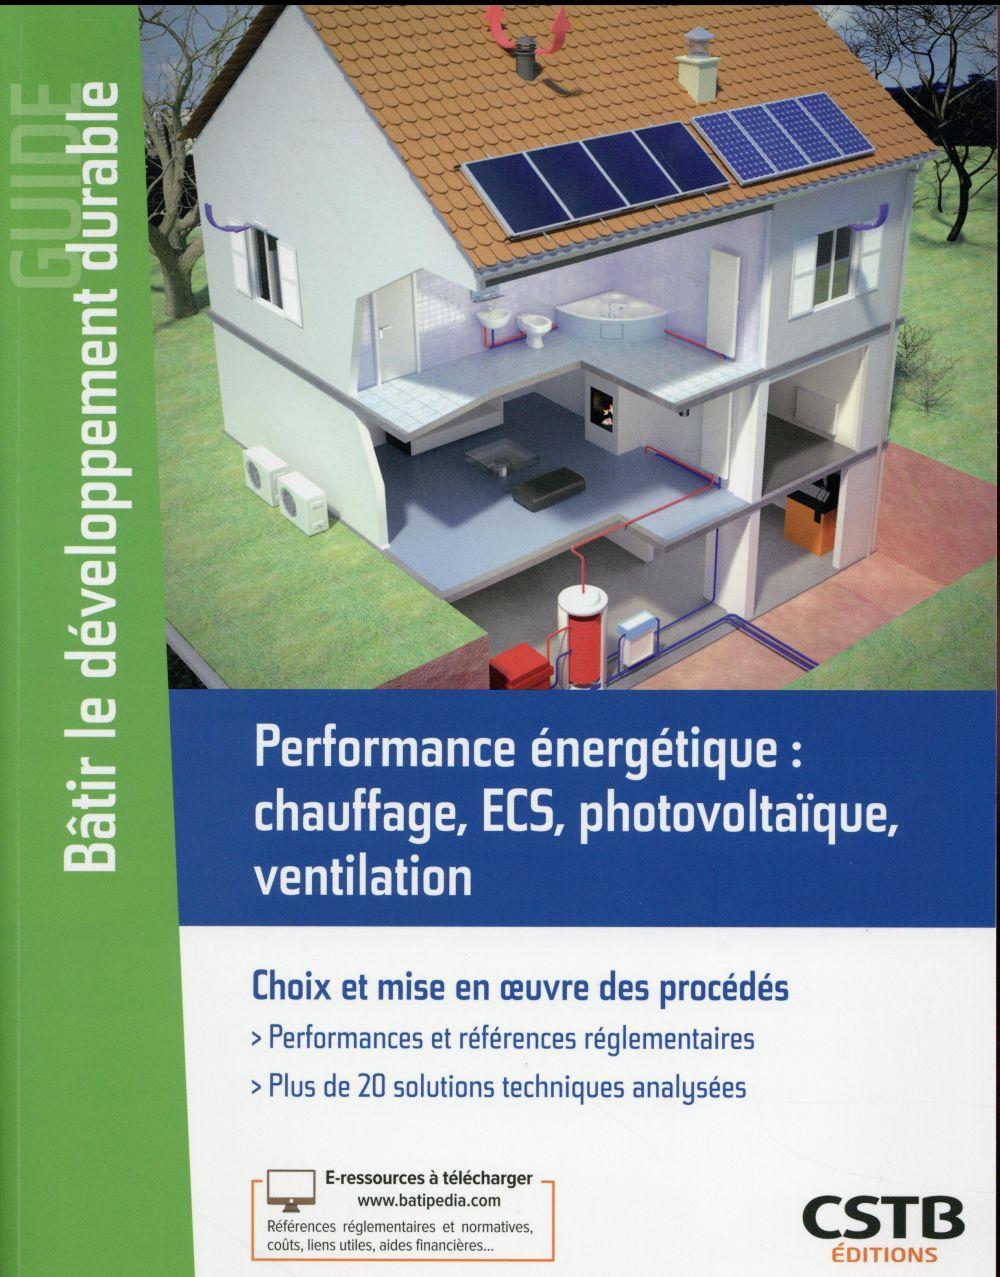 Performance énergétique ; chauffage, ECS, électricité, ventilation ; choix et mise en oeuvre des procédés